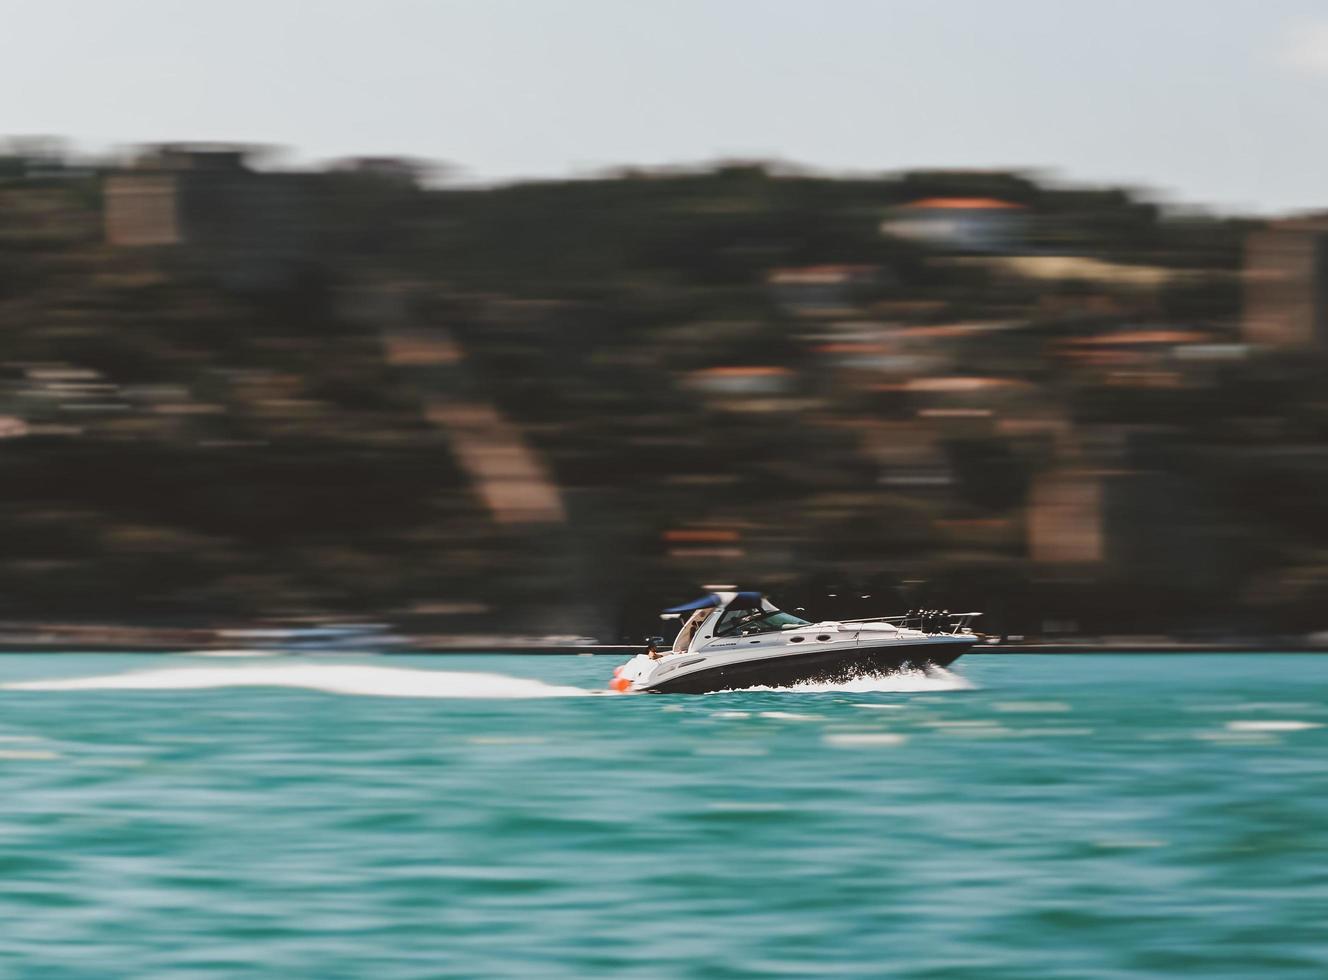 Fotografie des Schnellboots foto